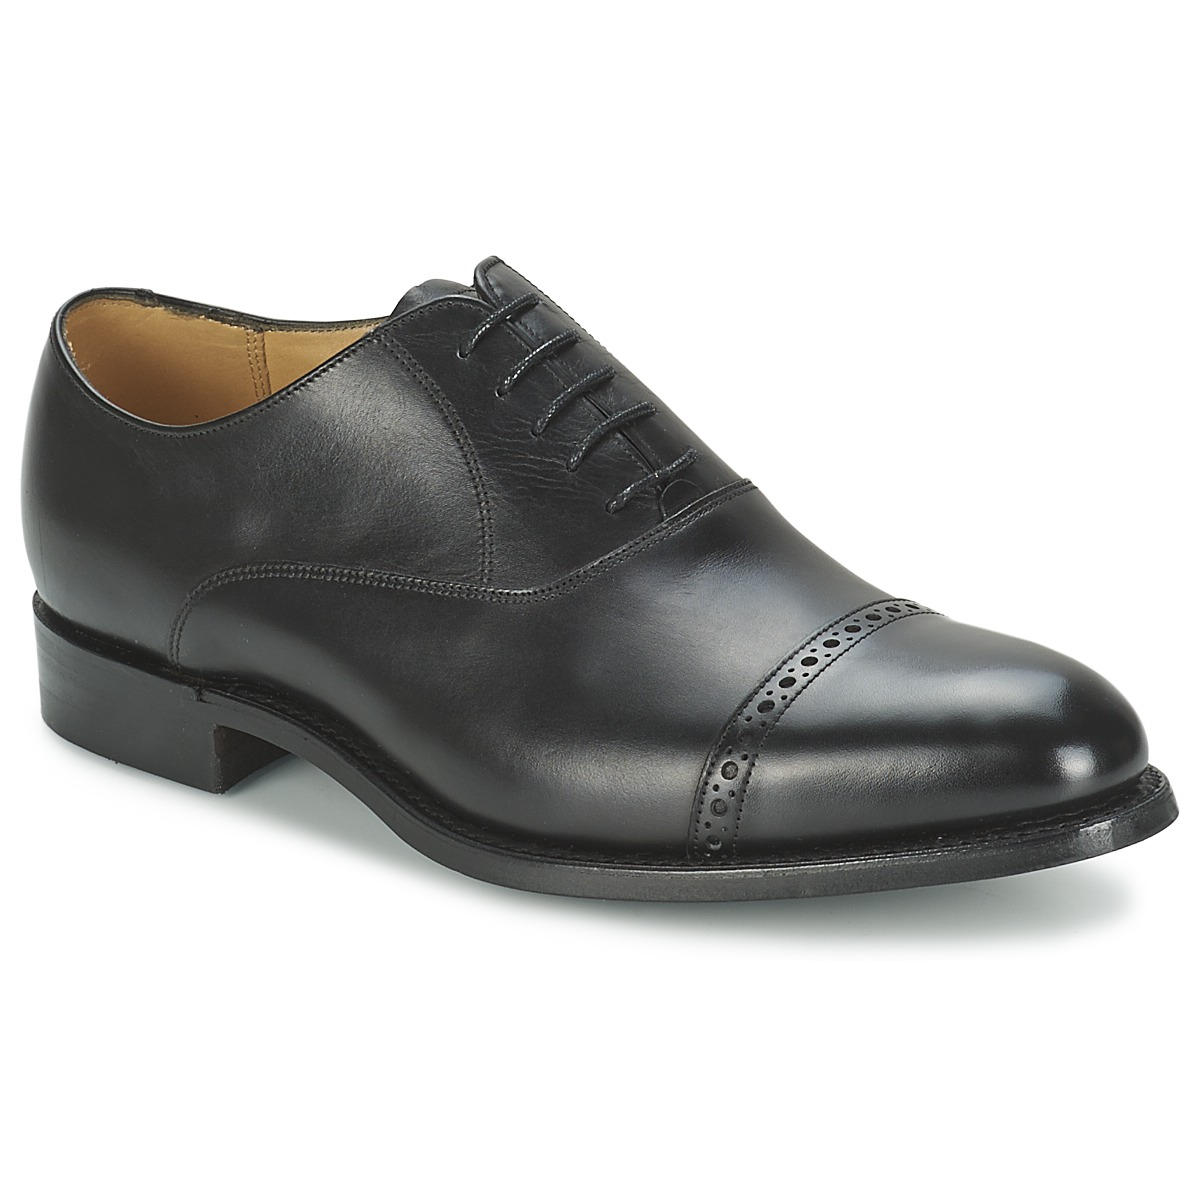 Barker BURFORD Schwarz - Kostenloser Versand bei Spartoode ! - Schuhe Richelieu Herren 247,20 €